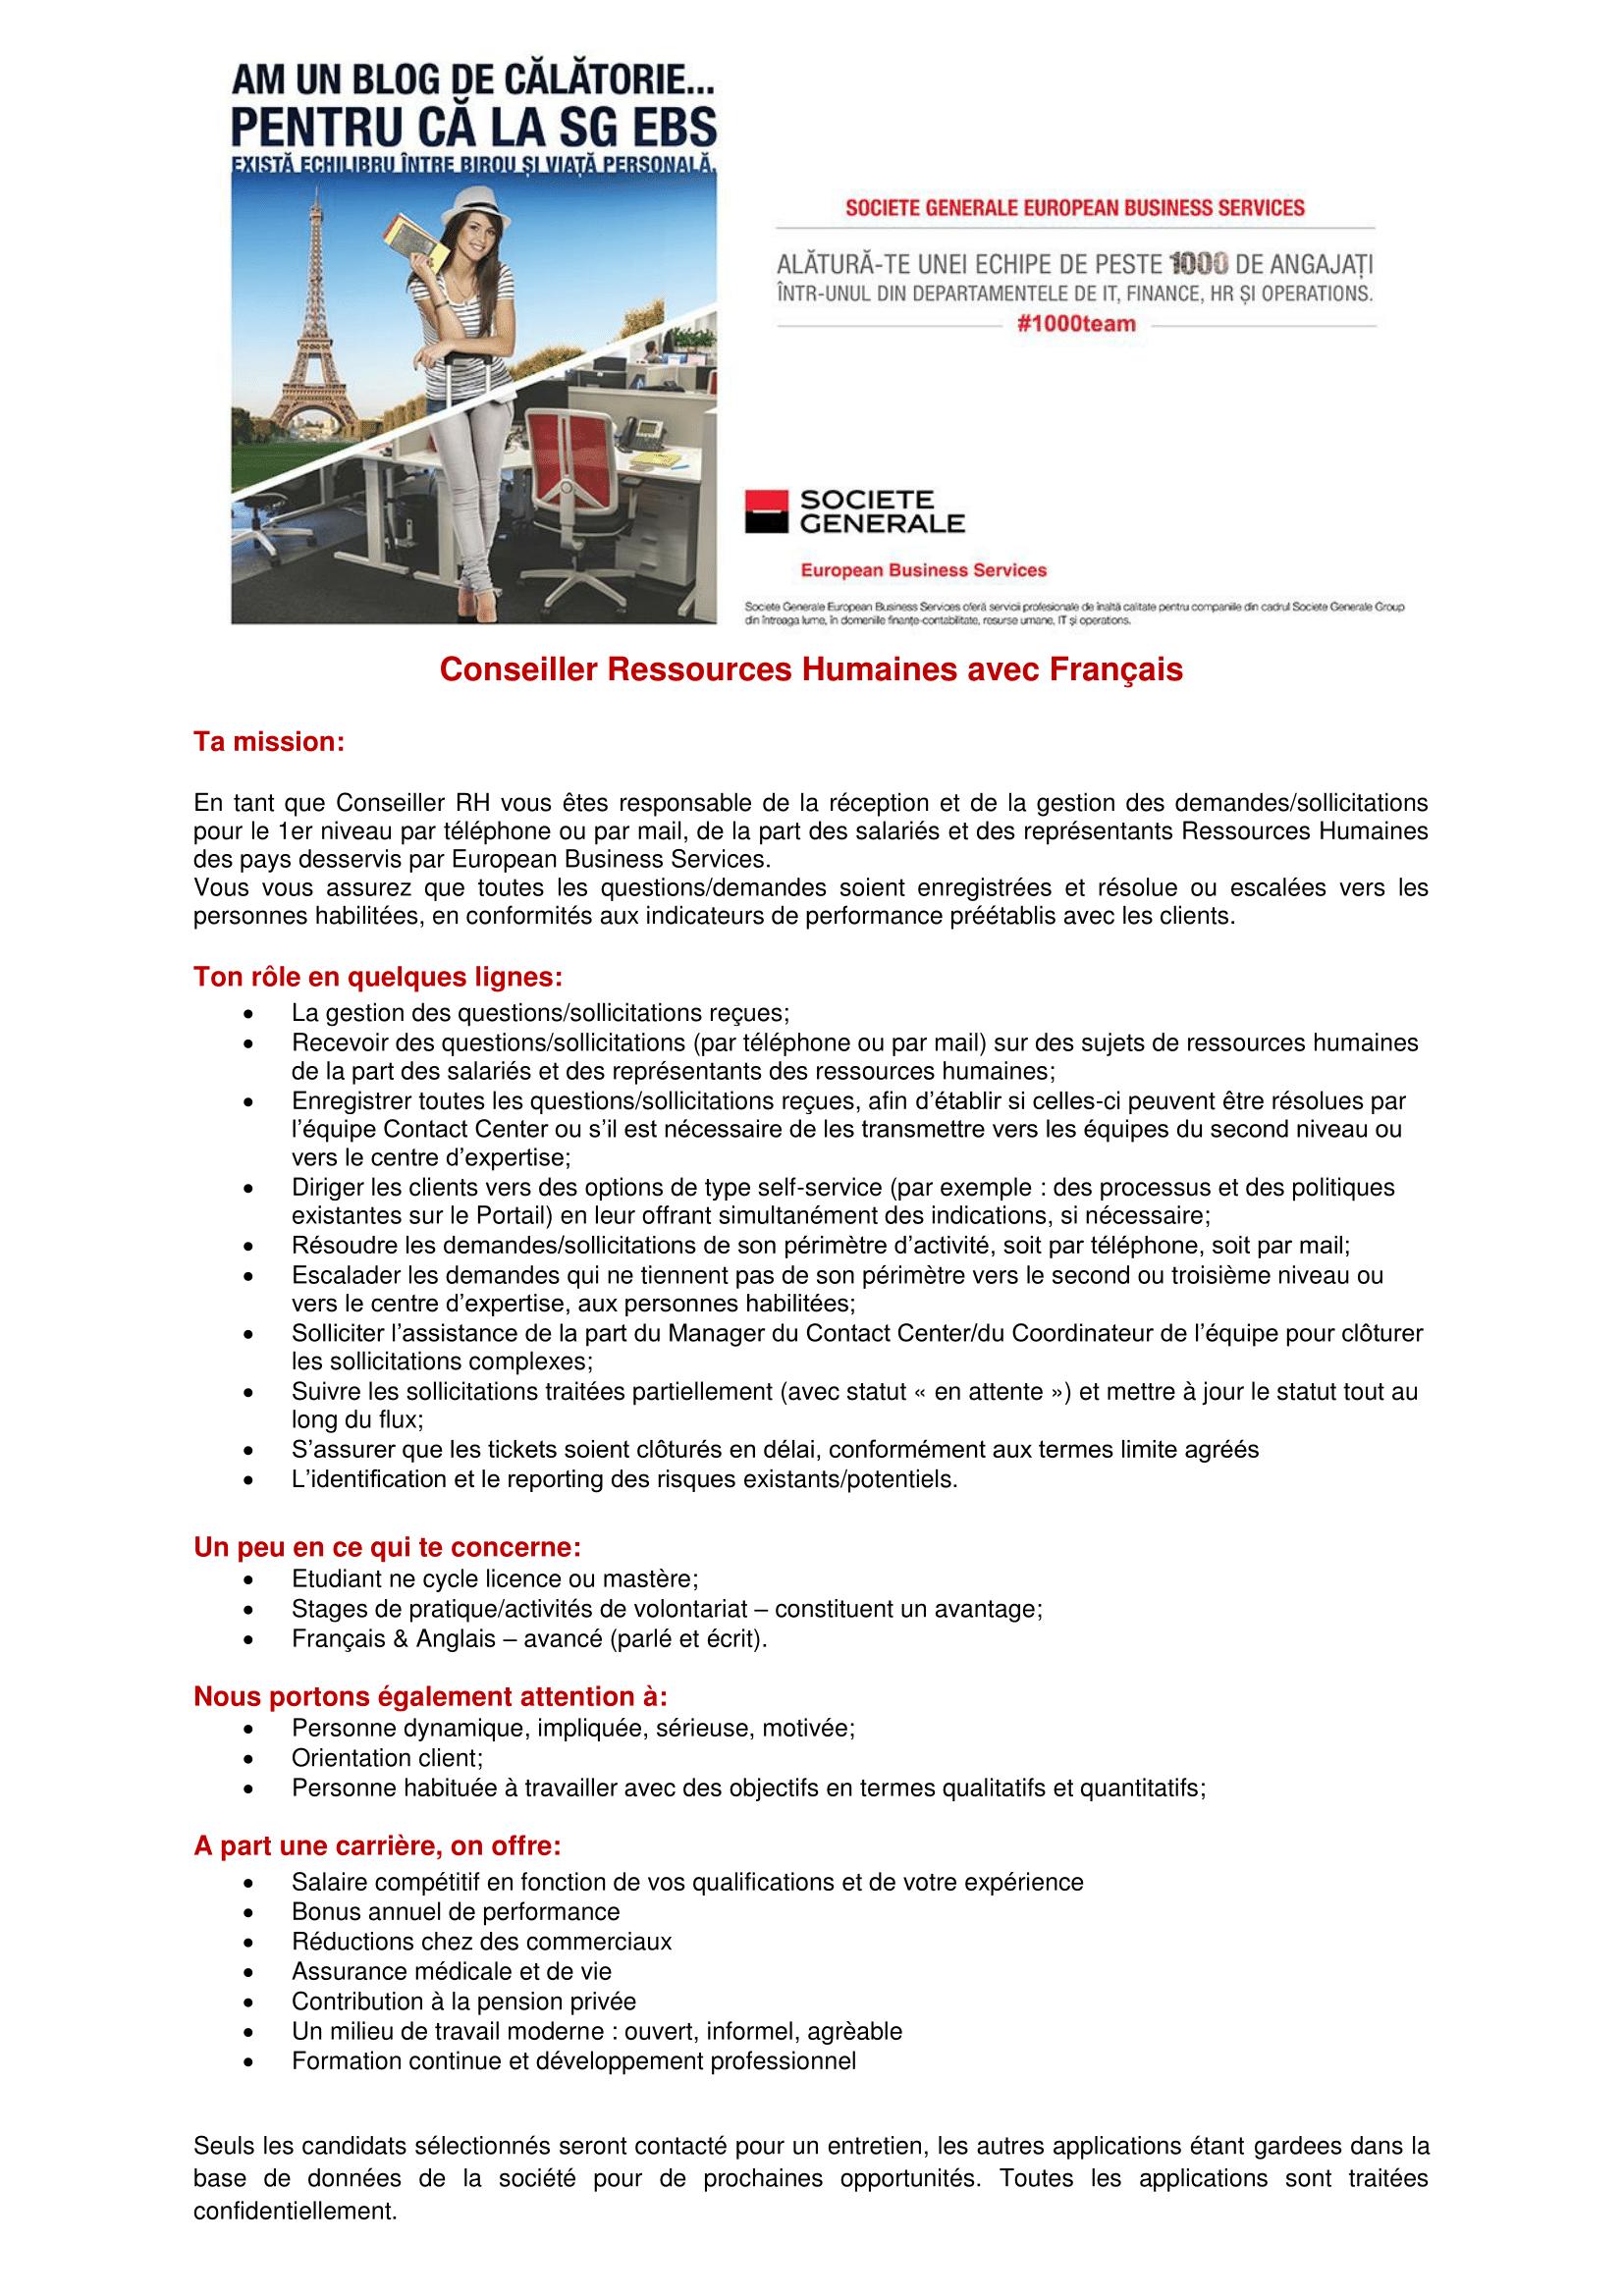 Conseiller Ressources Humaine avec Français avancé - site-uri de recrutare-1